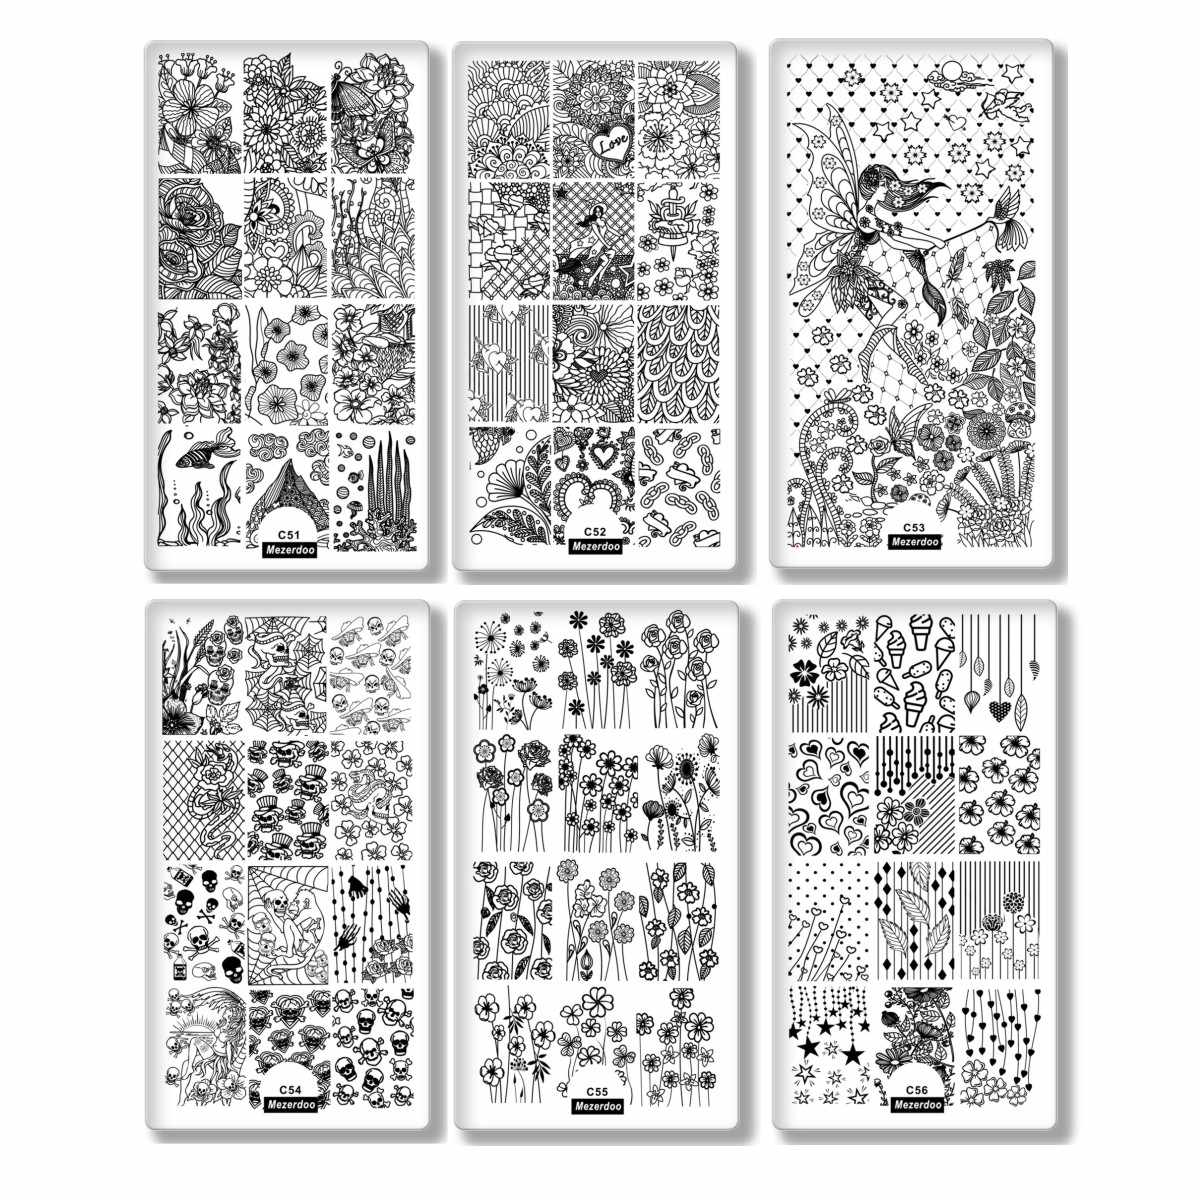 เล็บ Jelly Stamper สี่เหลี่ยมผืนผ้าแผ่นชุดความงามภาพสแตนเลสแม่แบบ 3D Charm Stencil เล็บ Art ดอกไม้ Designs